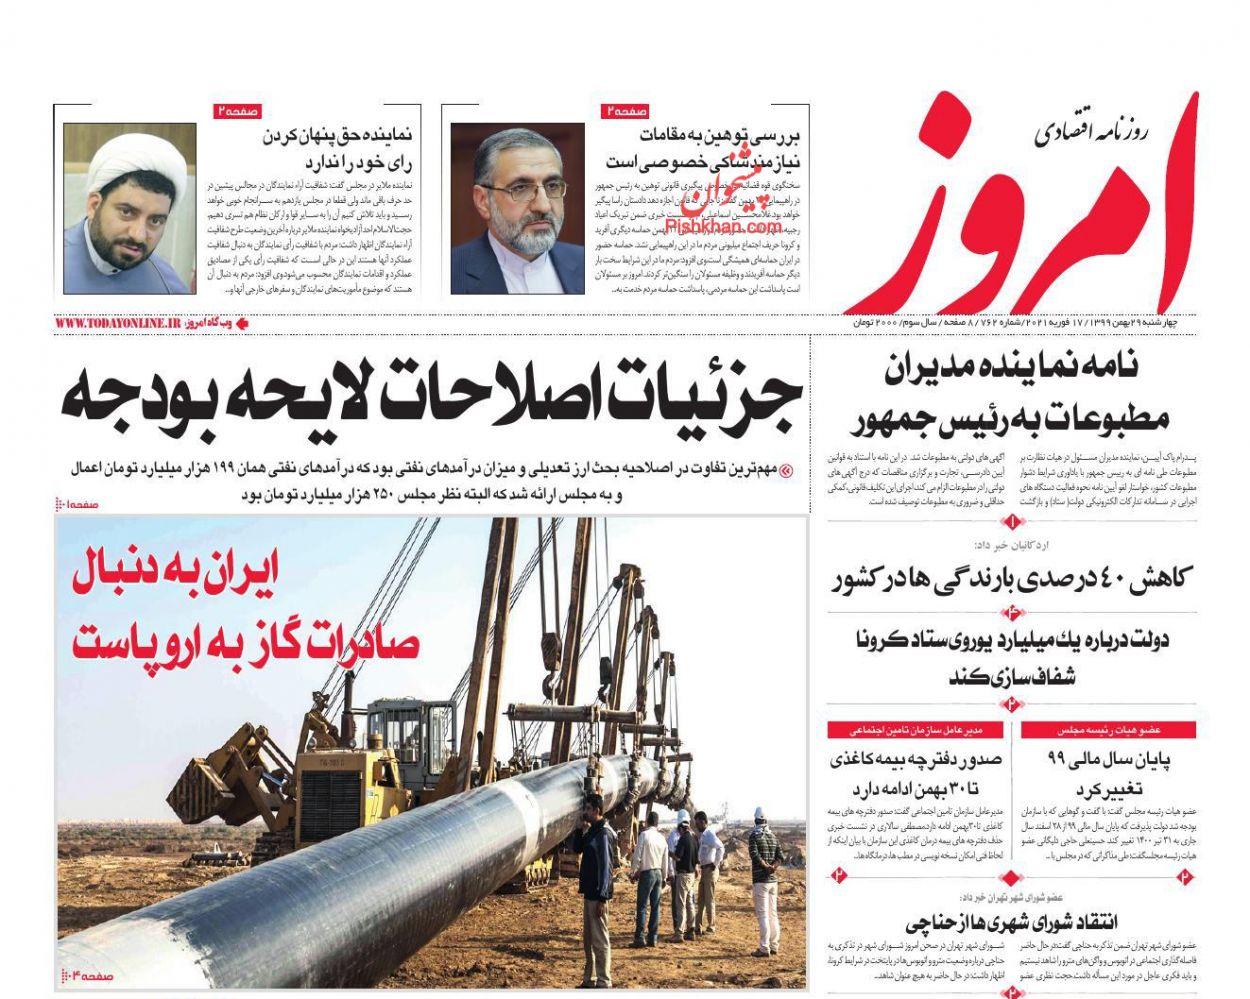 عناوین اخبار روزنامه امروز در روز چهارشنبه ۲۹ بهمن